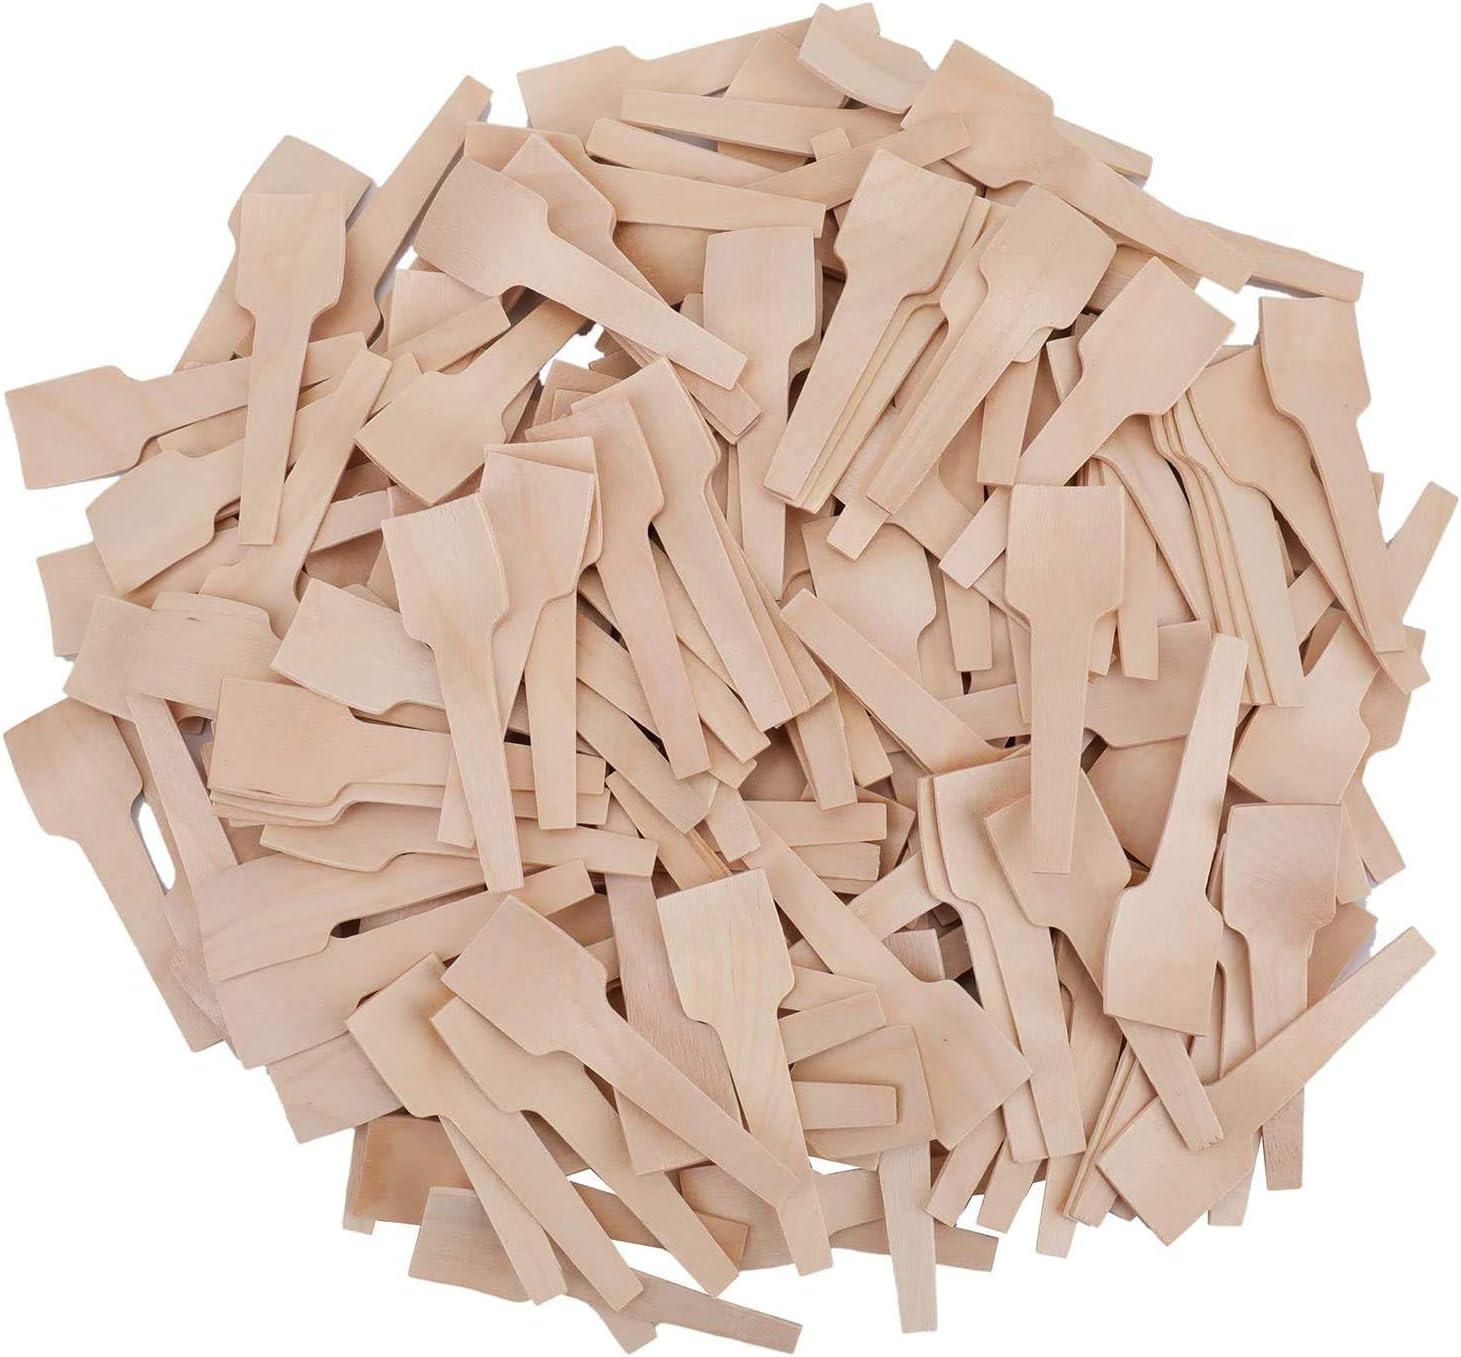 7 cm Bekith 400 mini cucharas de madera cuchara desechable para manualidades exfoliantes org/ánicos de az/úcar degustaci/ón y muestreo